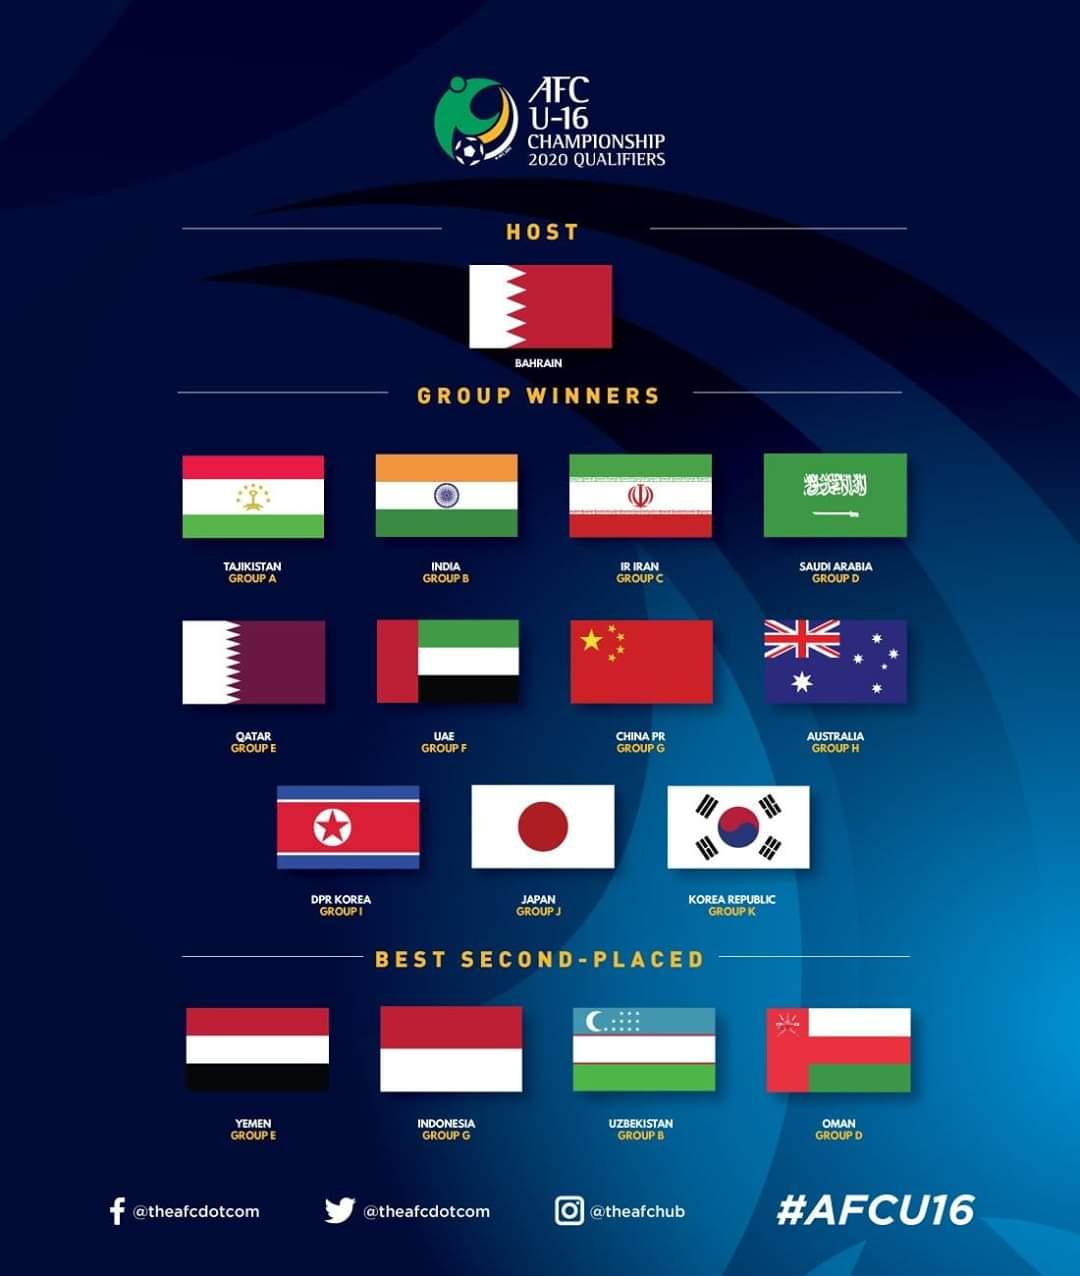 موعد قرعة نهائيات كاس آسيا للناشئين 2020 نتائج قرعة كاس اسيا للناشئين 2020